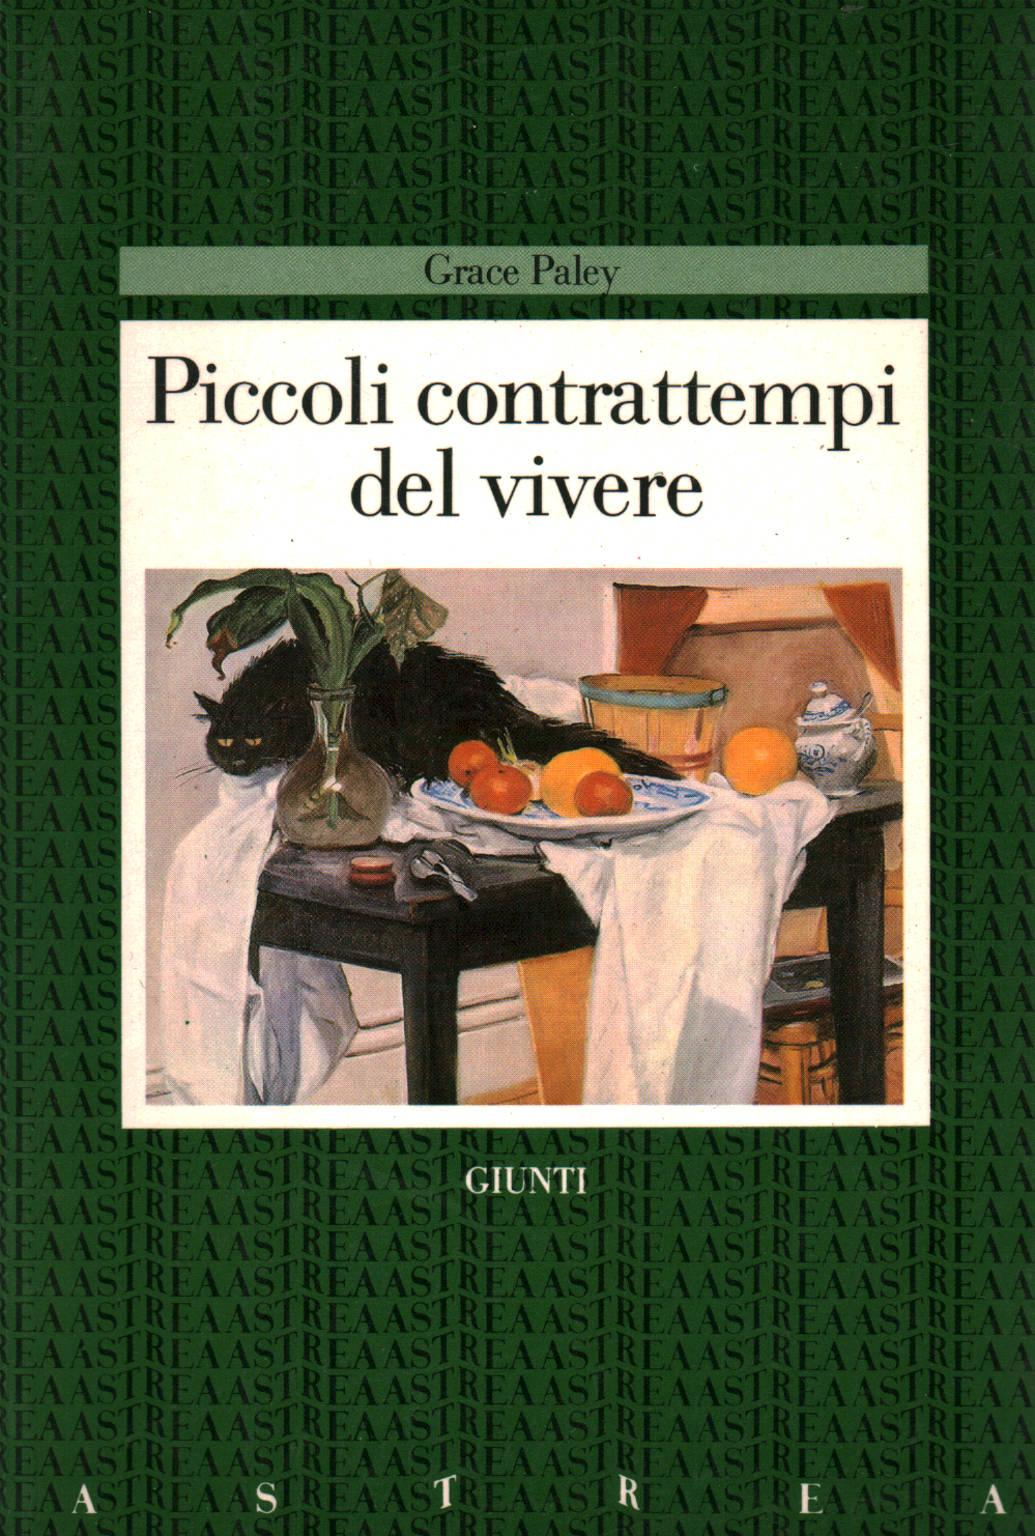 Grace Paley Piccoli Contrattempi Del Vivere.Piccoli Contrattempi Del Vivere Grace Paley Narrativa